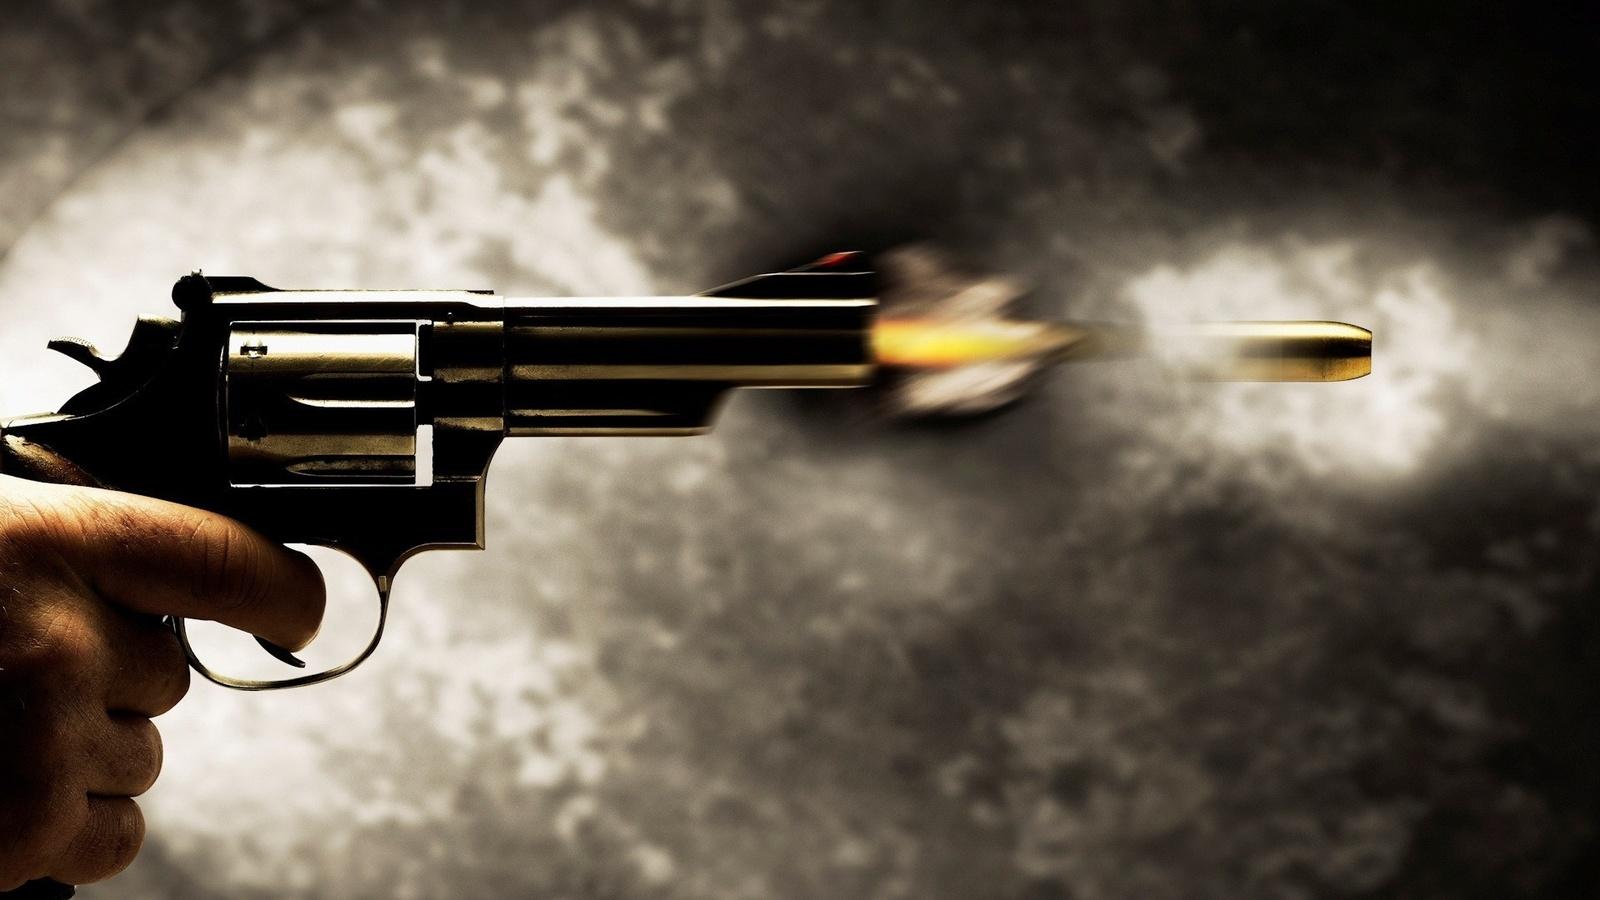 пистолет, выстрел, пуля, пламя, ствол, курок, рука